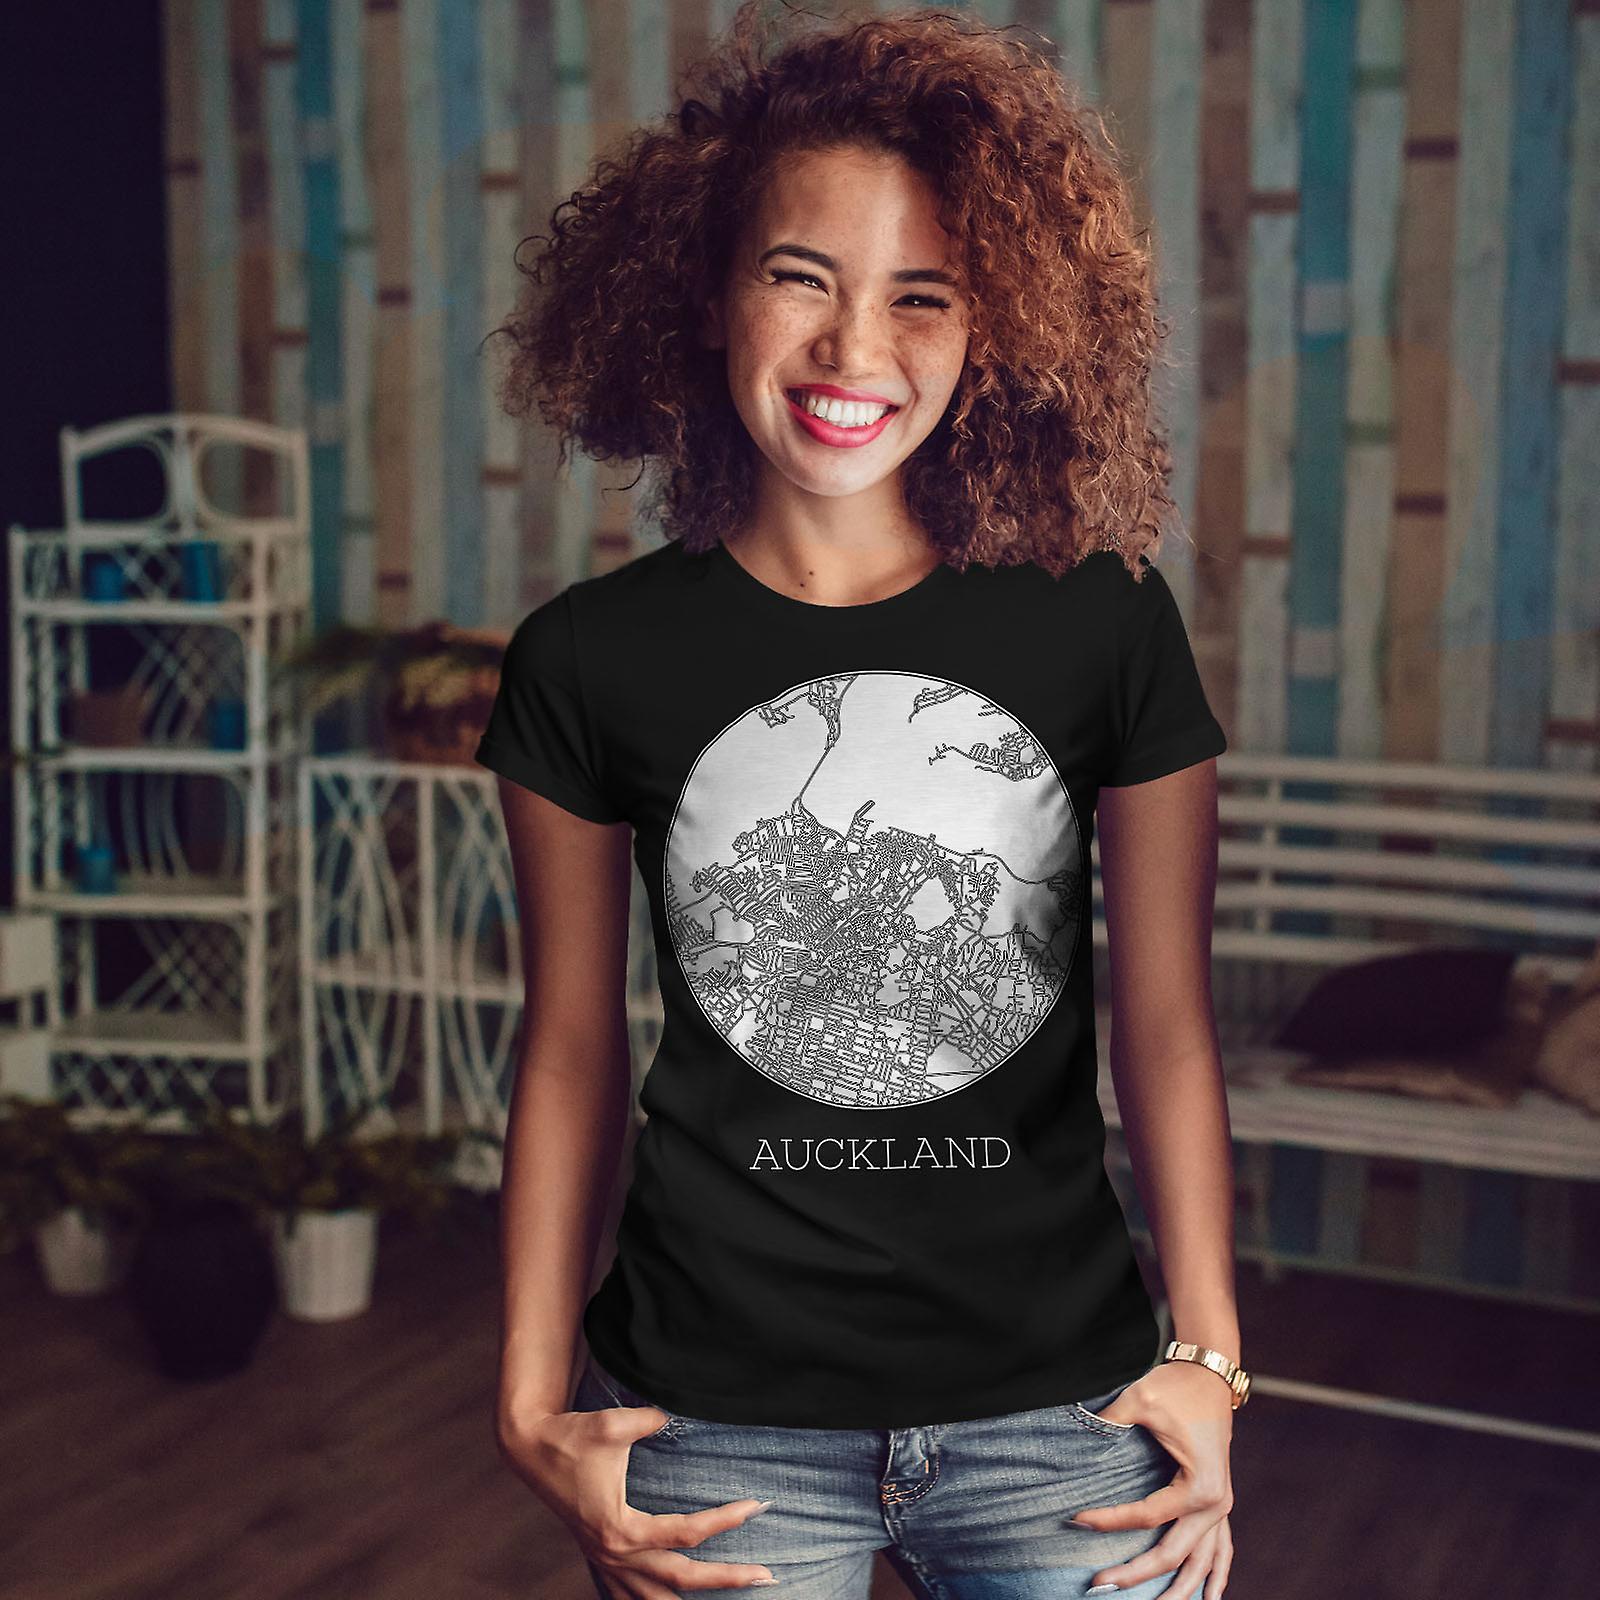 Auckland City carte BlackT-chemise femme | Wellcoda